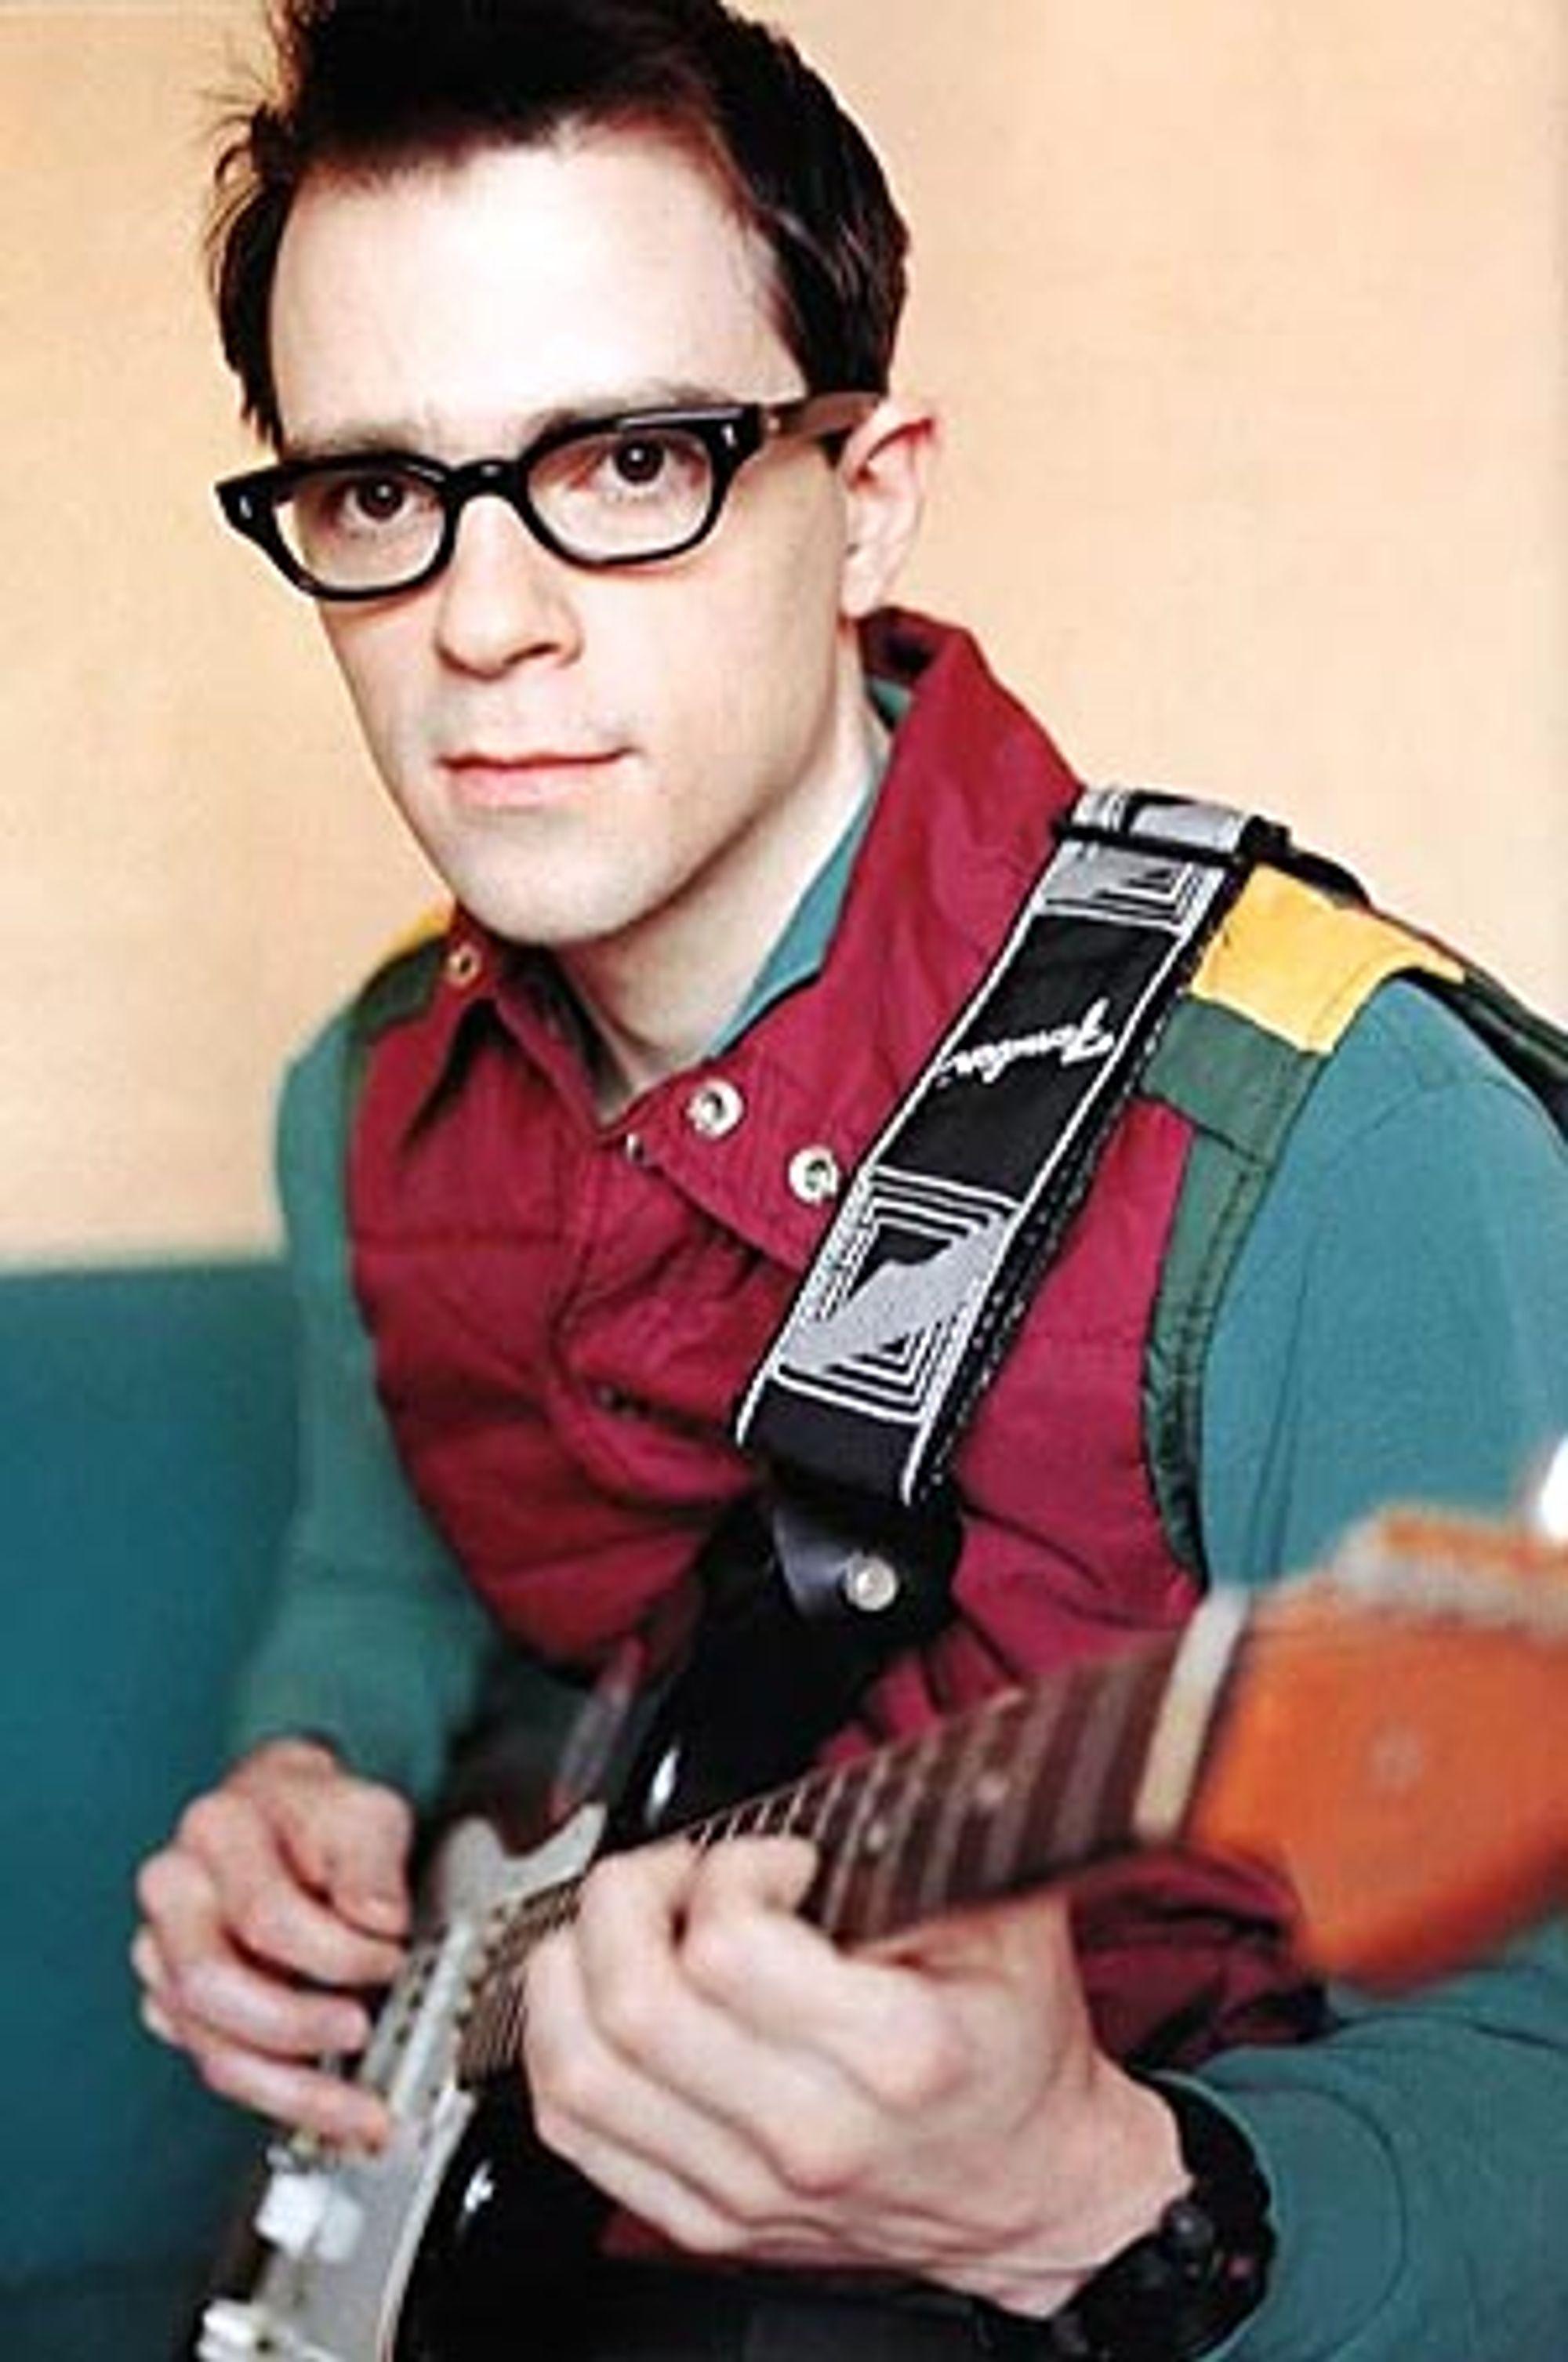 Frontfiguren i Weezer vil gjøre sine dagbøker tilgjengelig for folket.